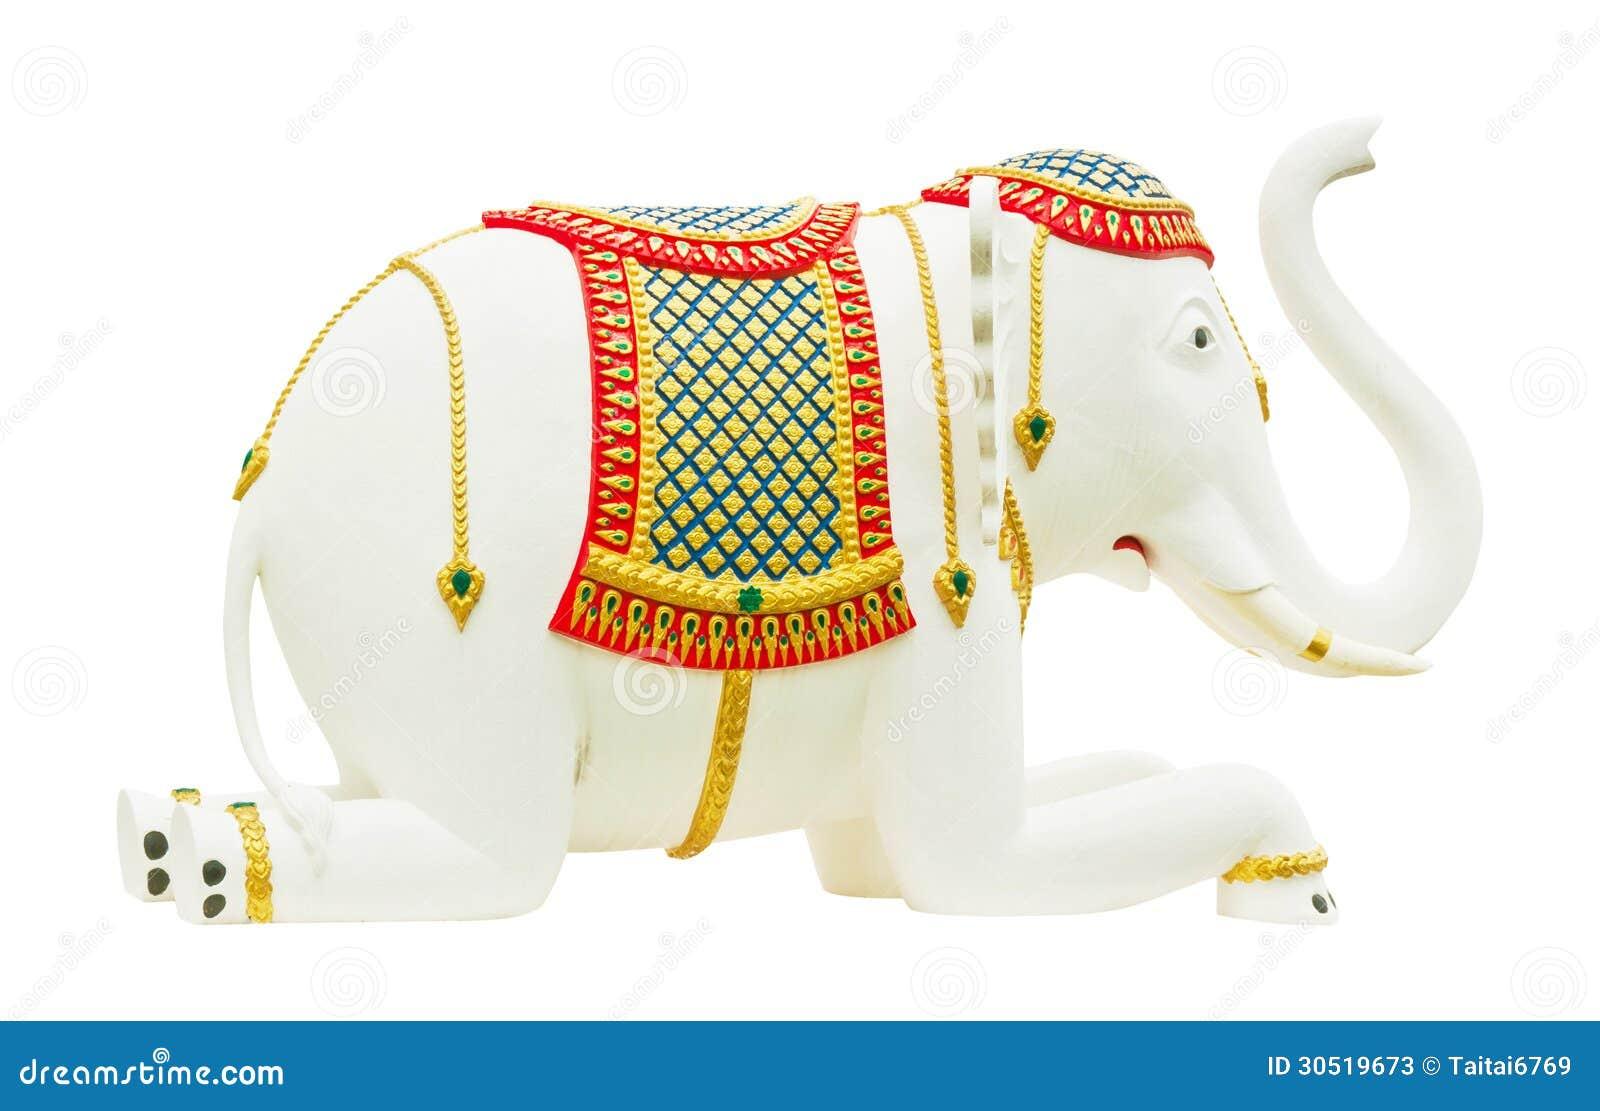 White Elephant Buddhism Topsimages